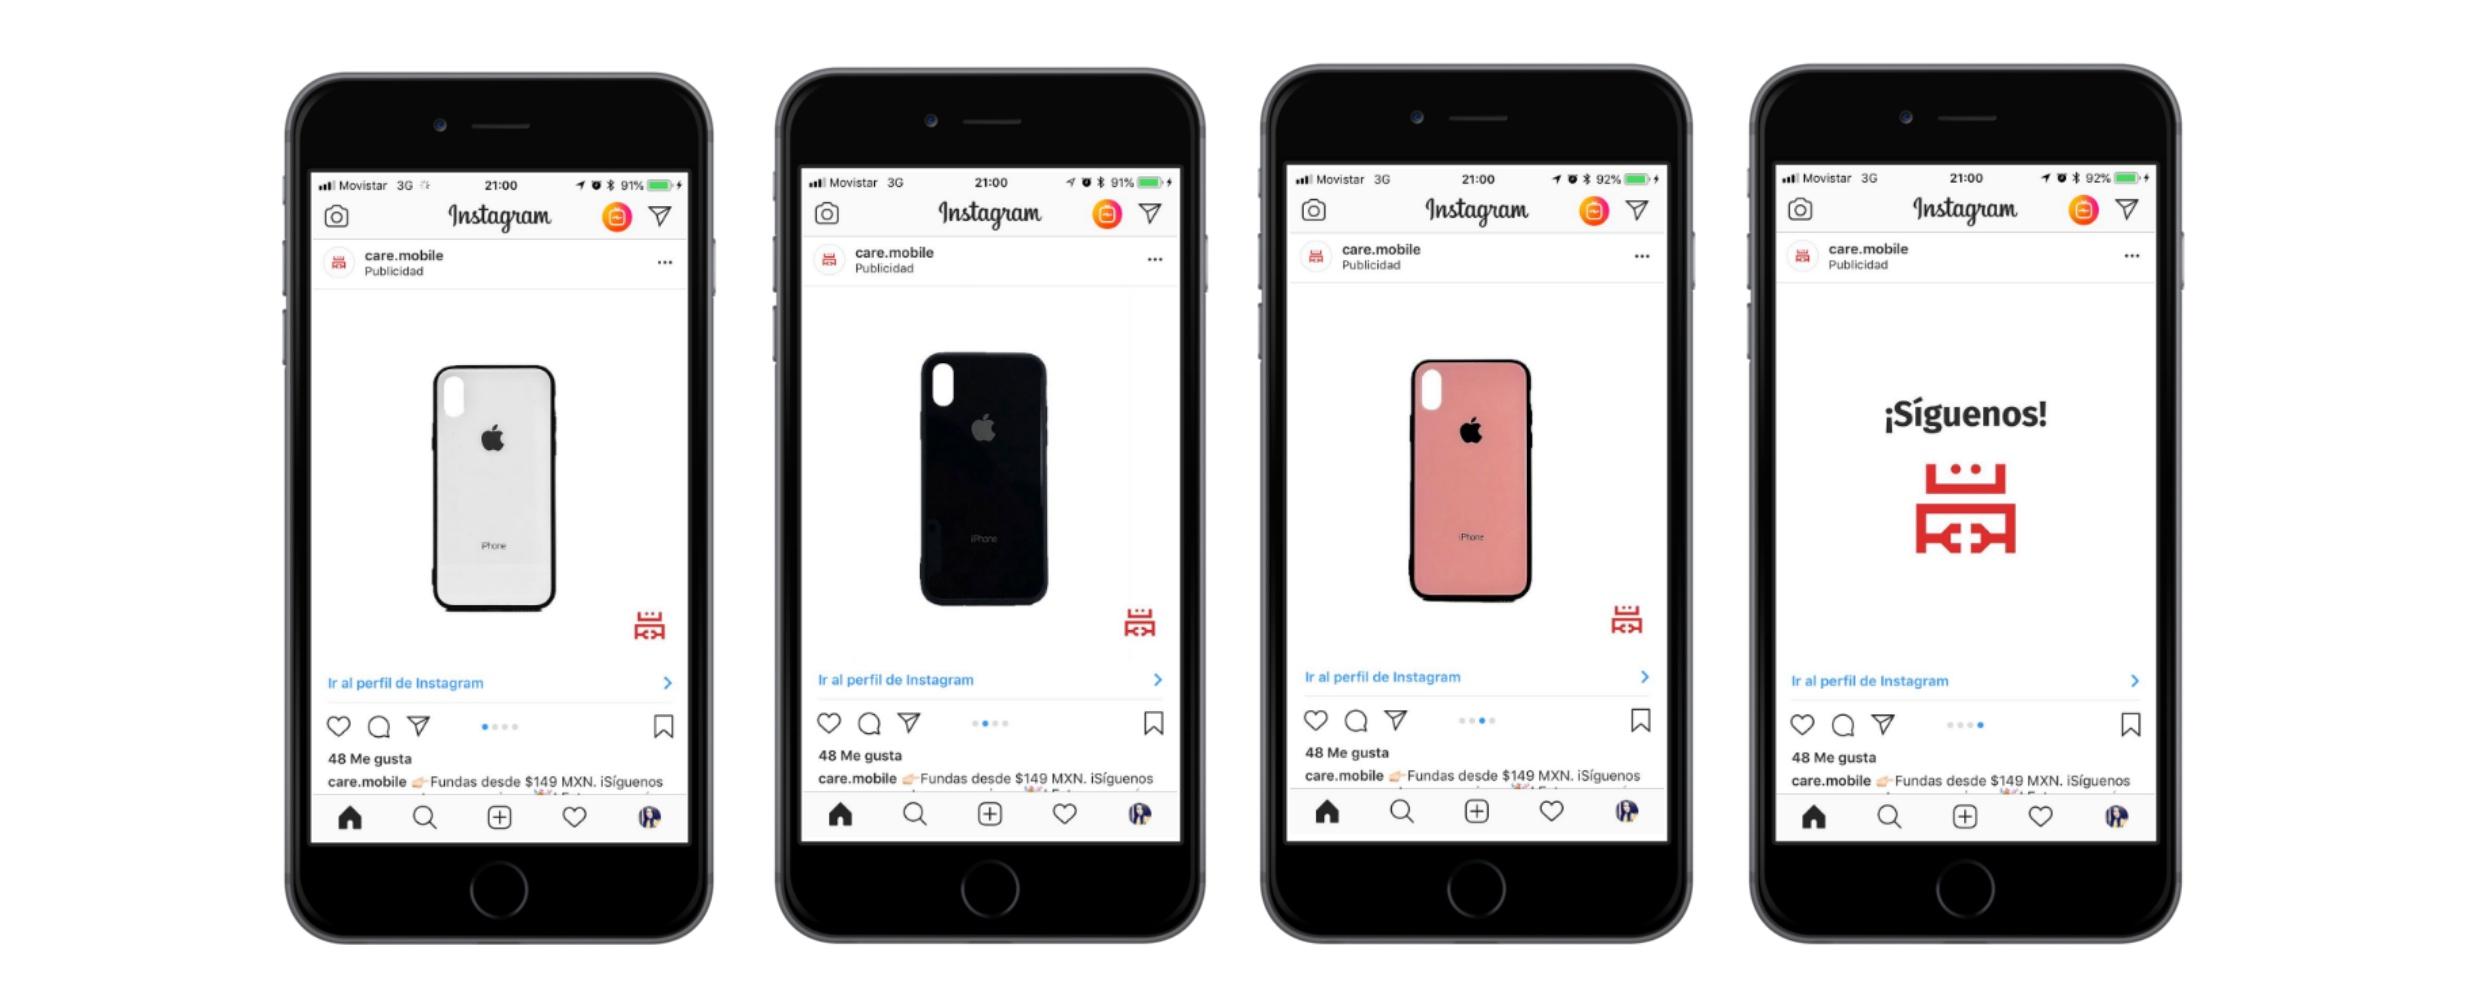 Instagram-anuncio-de-secuencia